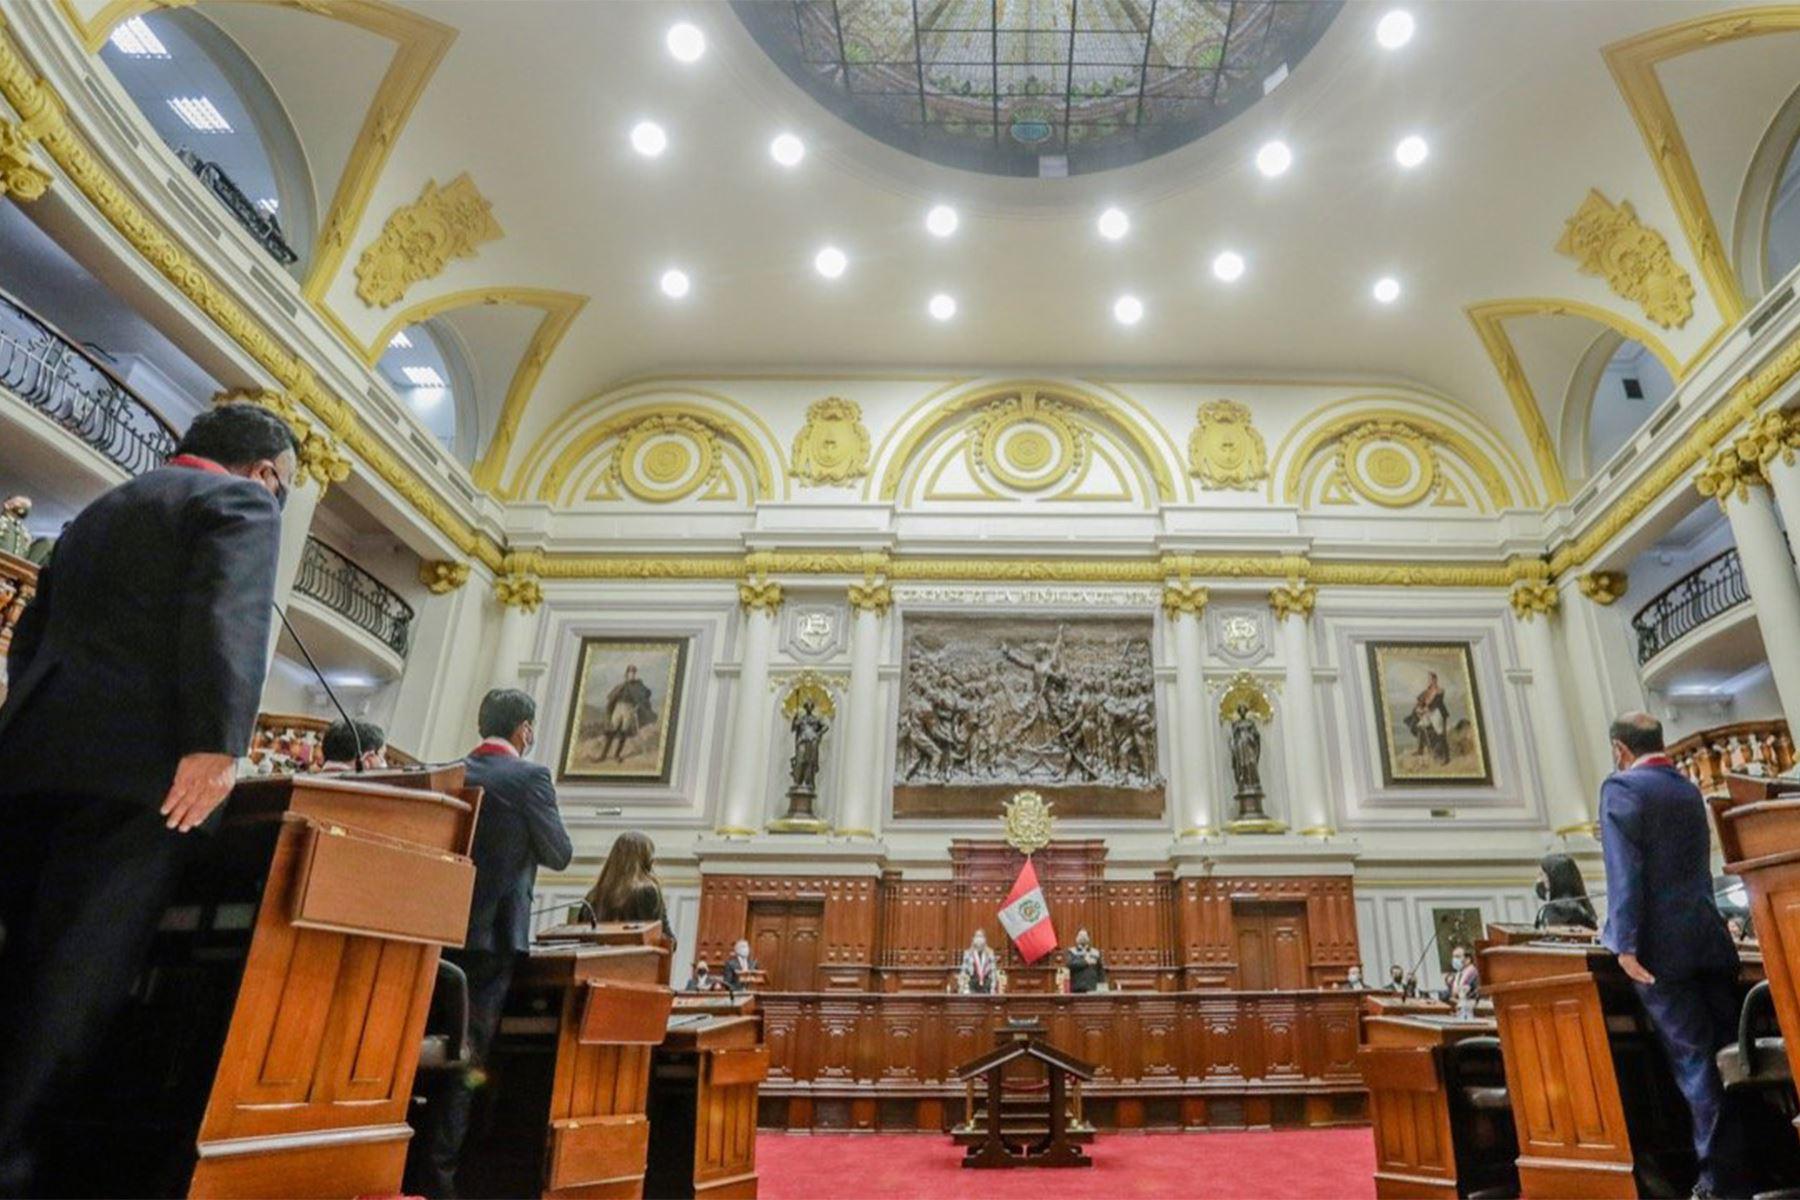 El presidente de la República, Pedro Castillo, participa en la sesión solemne por el 199.° aniversario del Congreso de la República. Foto: ANDINA/presidenciaperu